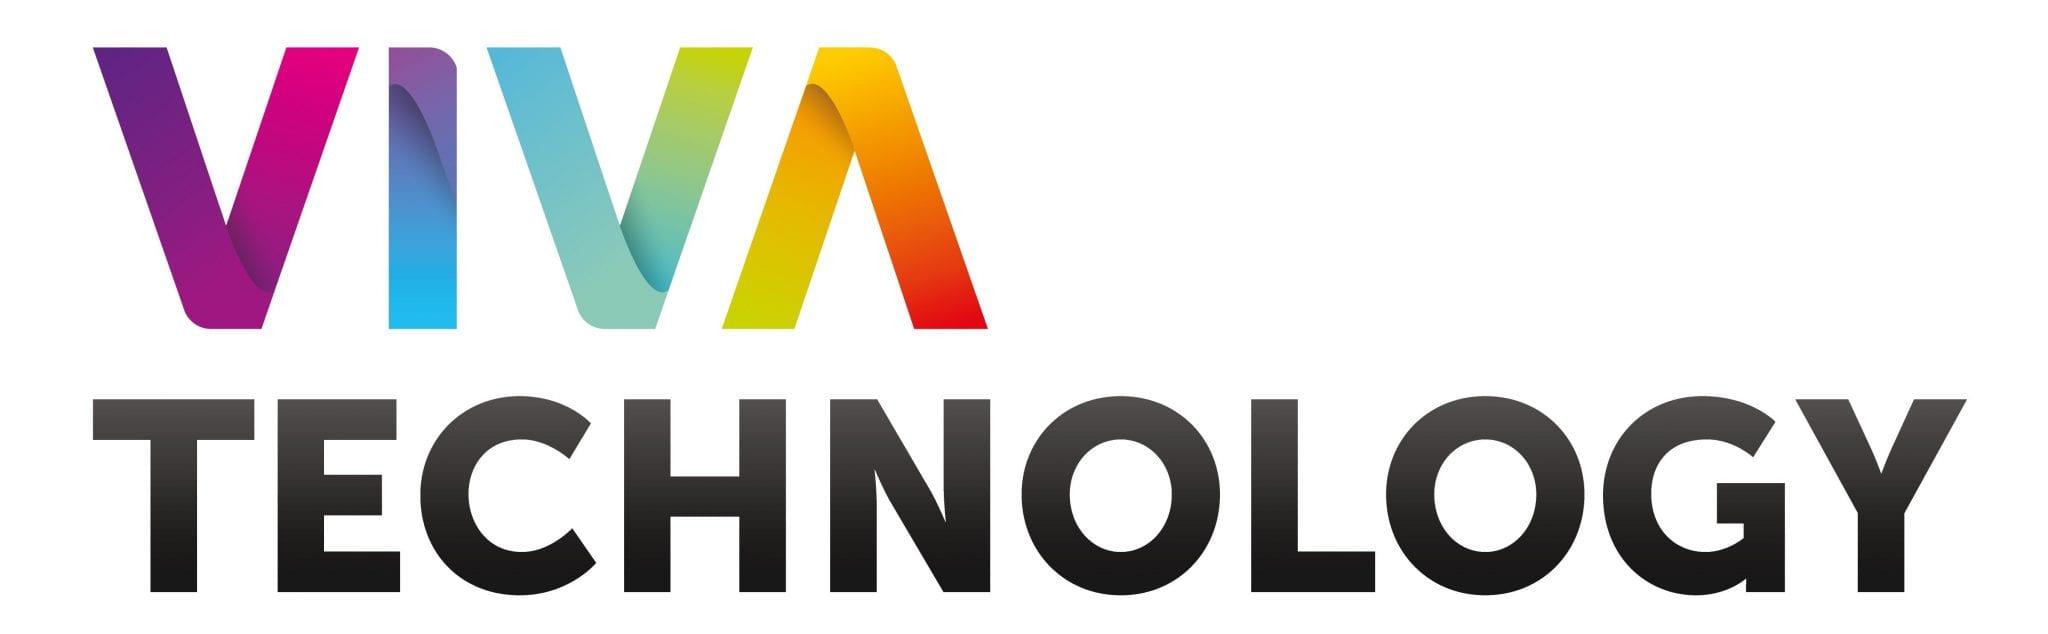 Viva_Technology_logo